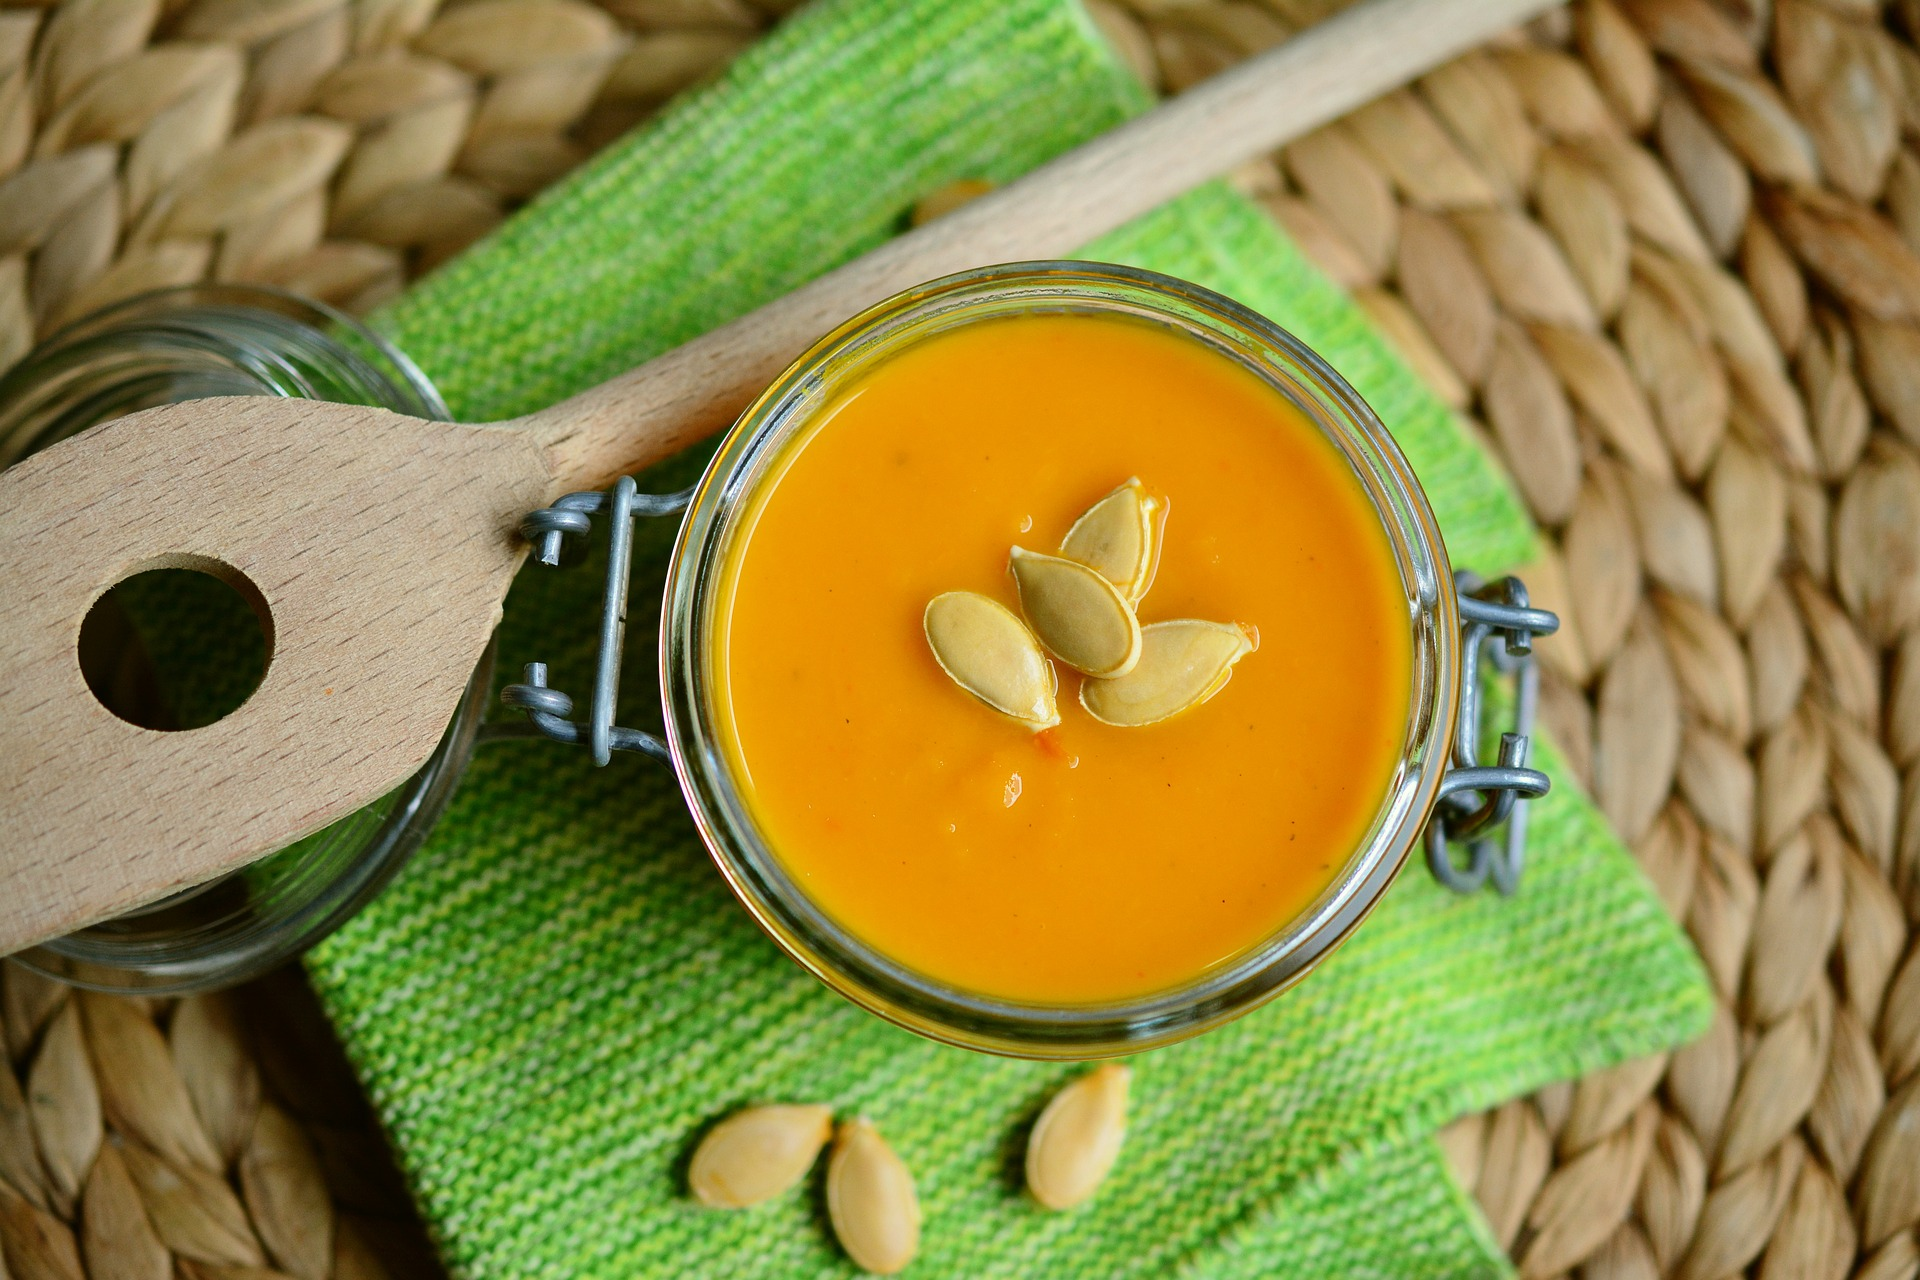 pumpkin-soup-2972858_1920.jpg